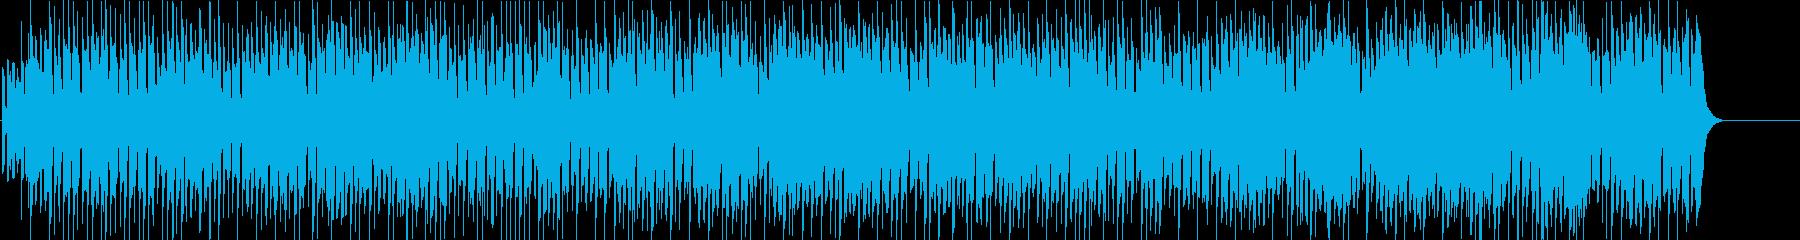 ブルース のんびり 散歩 リラックスの再生済みの波形